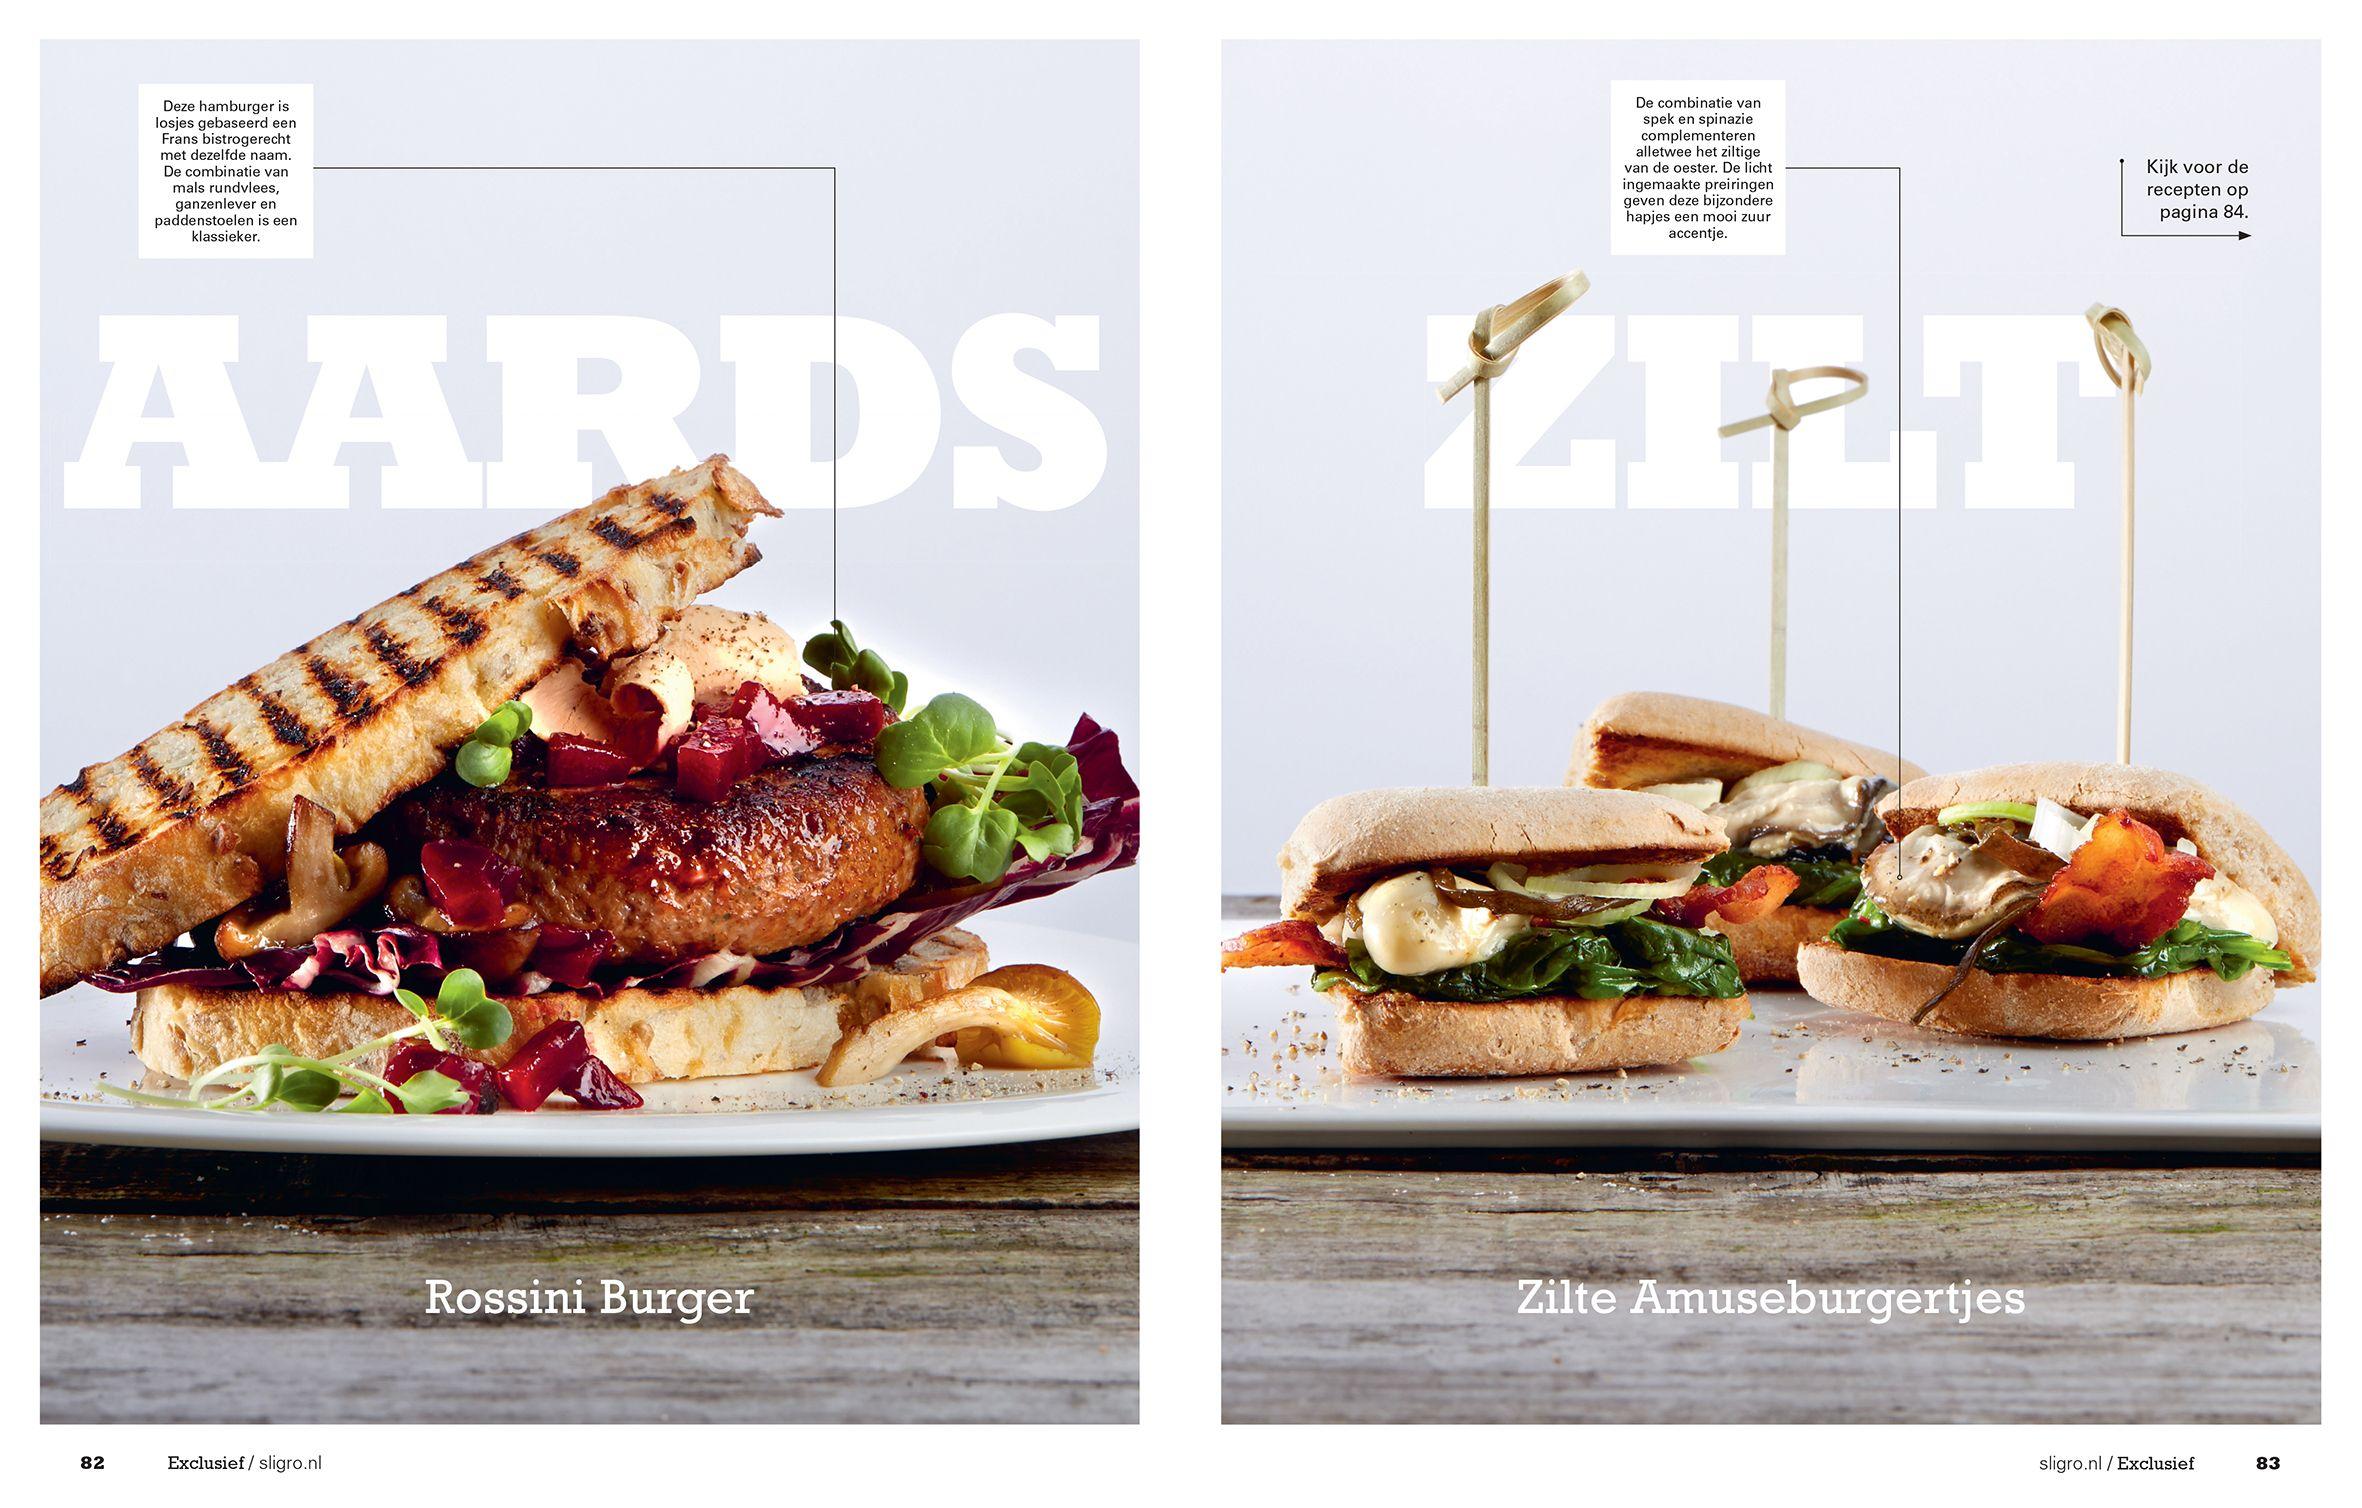 Hamburgers. The next level. Links: Rossini Burger. Rechts: Zilte Amuseburgertjes. Receptuur en foodstyling INGMAR NIEZEN Fotografie JASPER BOSMAN